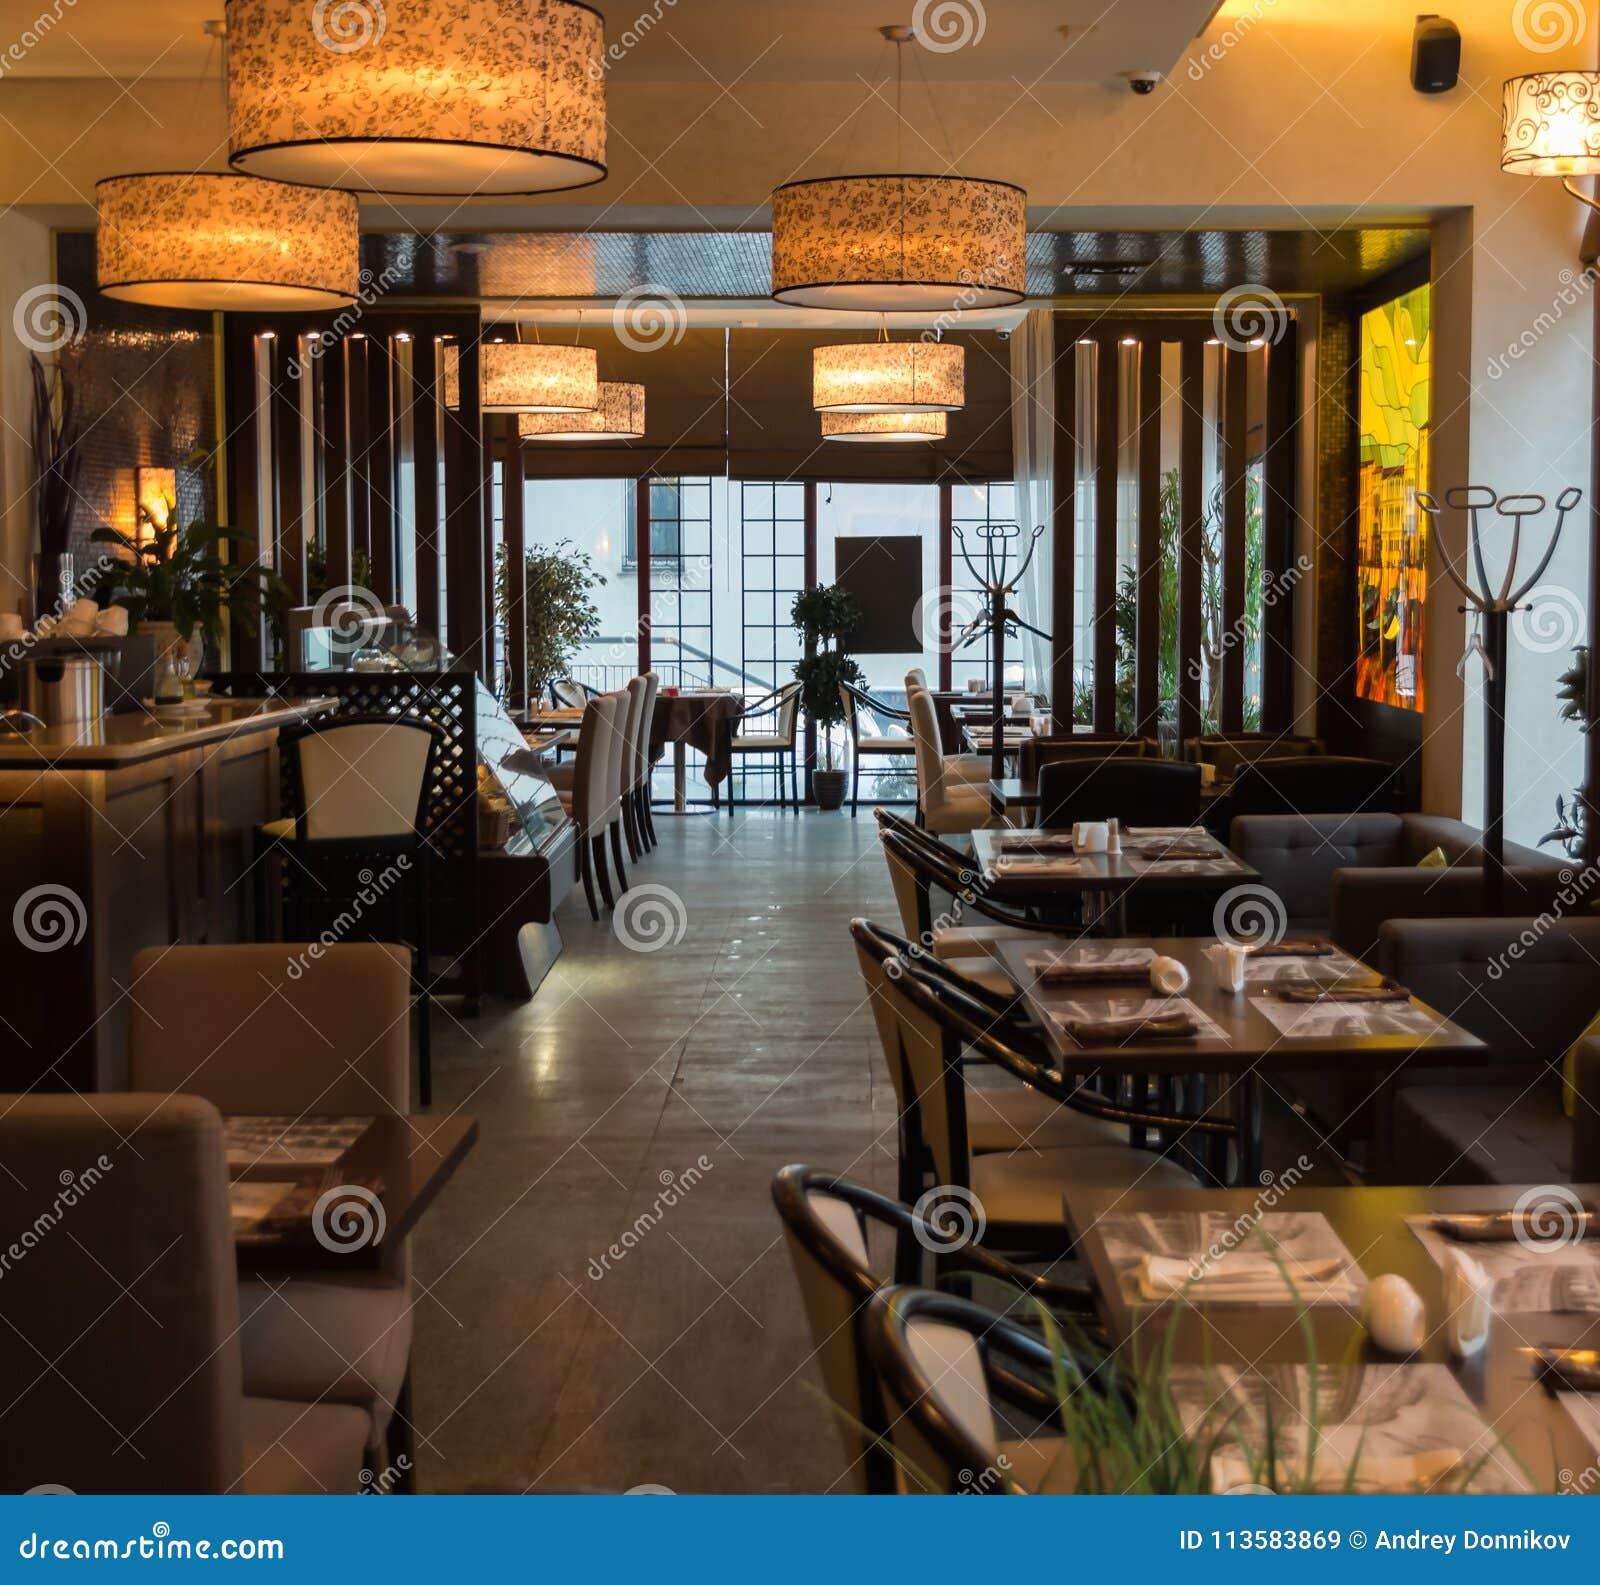 Innenraum Des Gemütlichen Restaurants Zeitgenössisches Design In Der ...